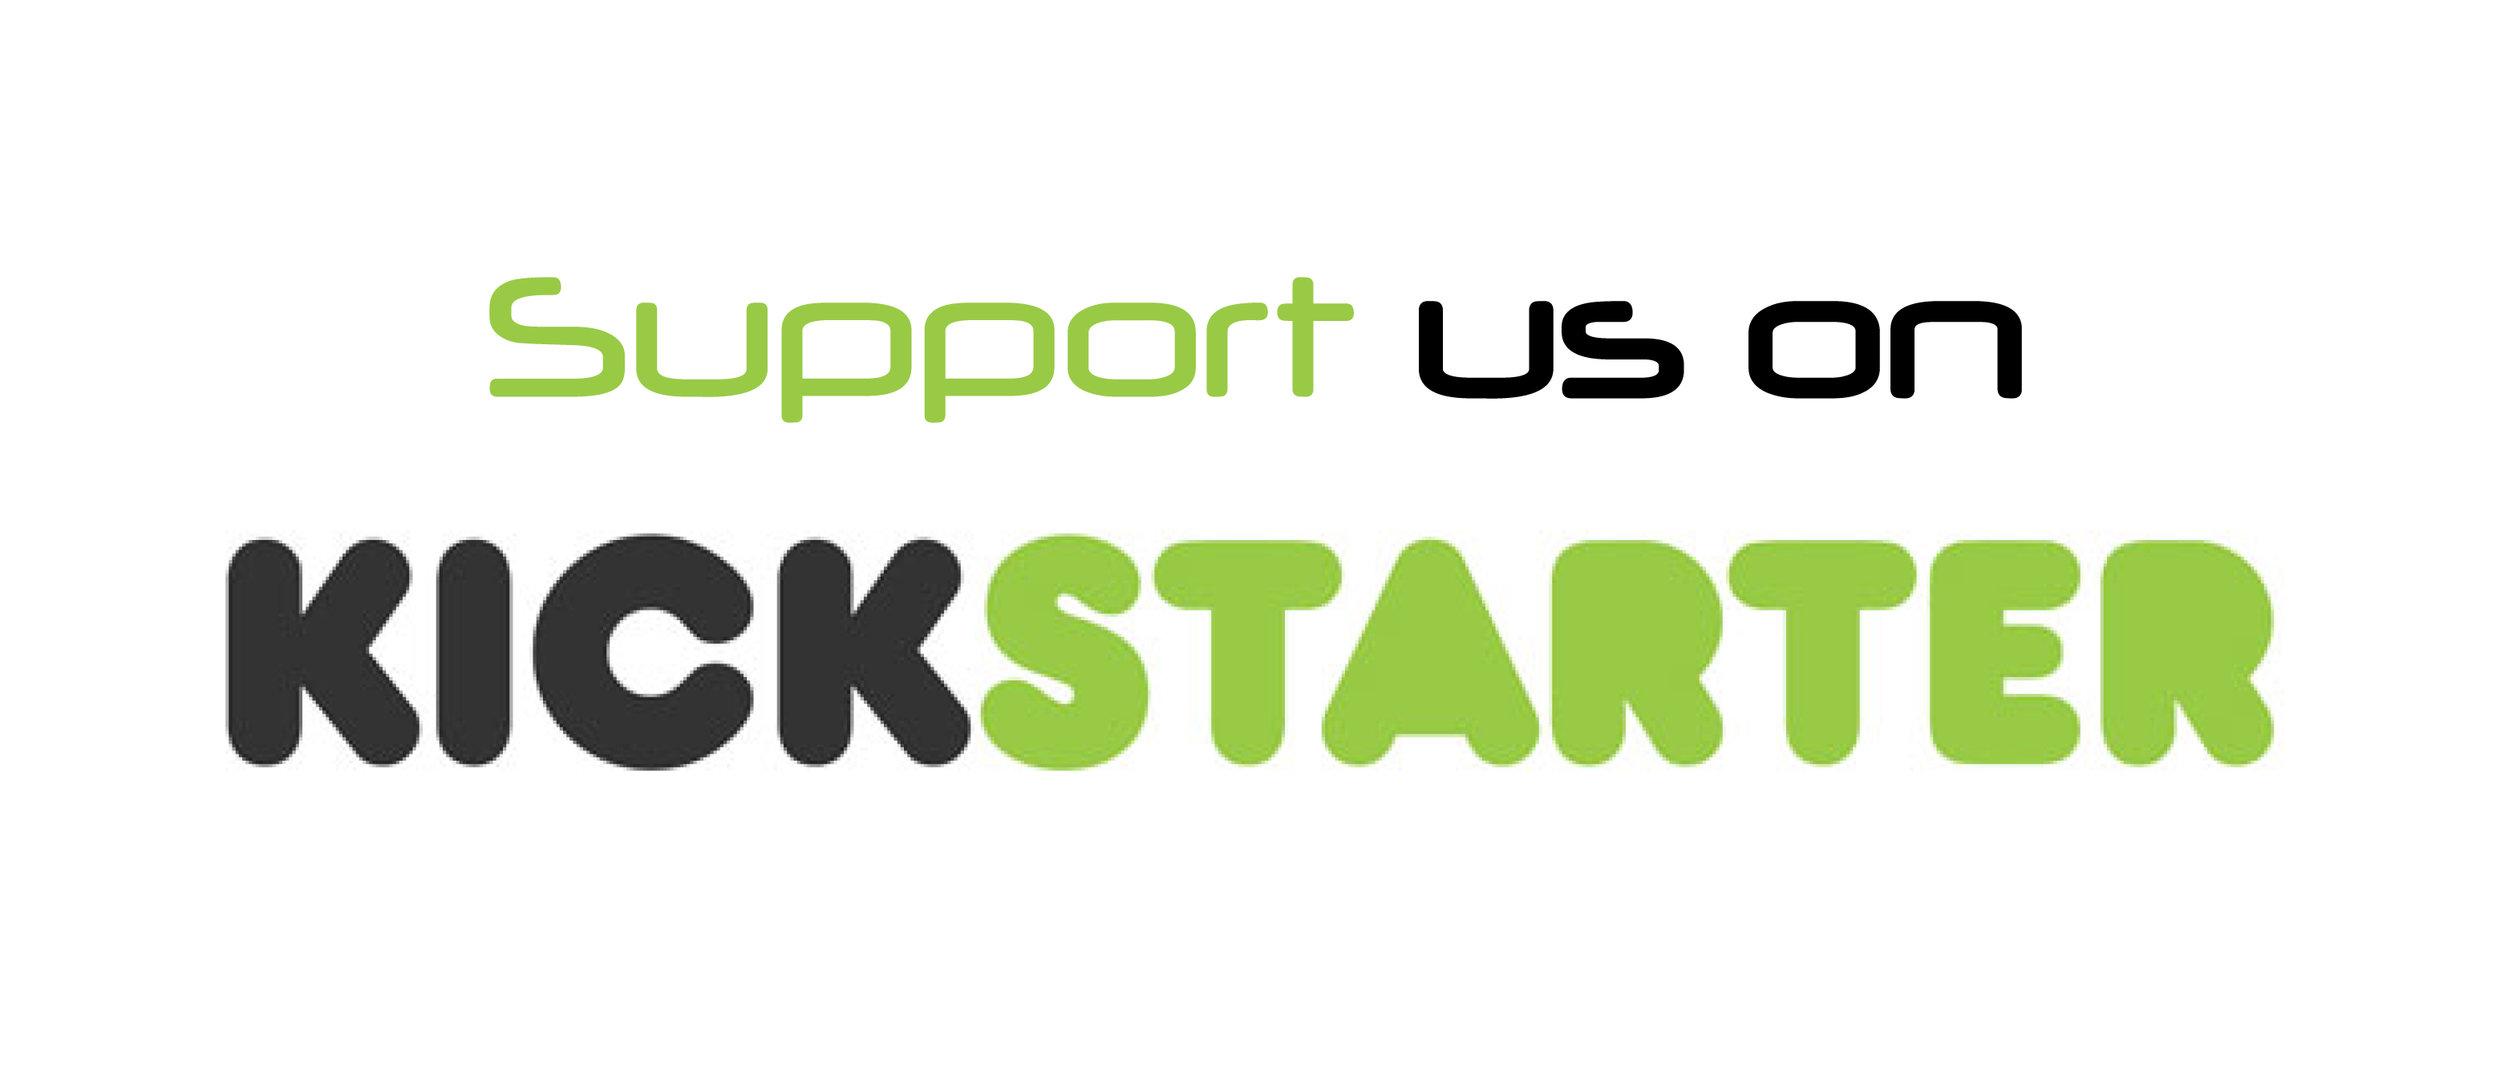 Kickstarter-Logo-.jpg